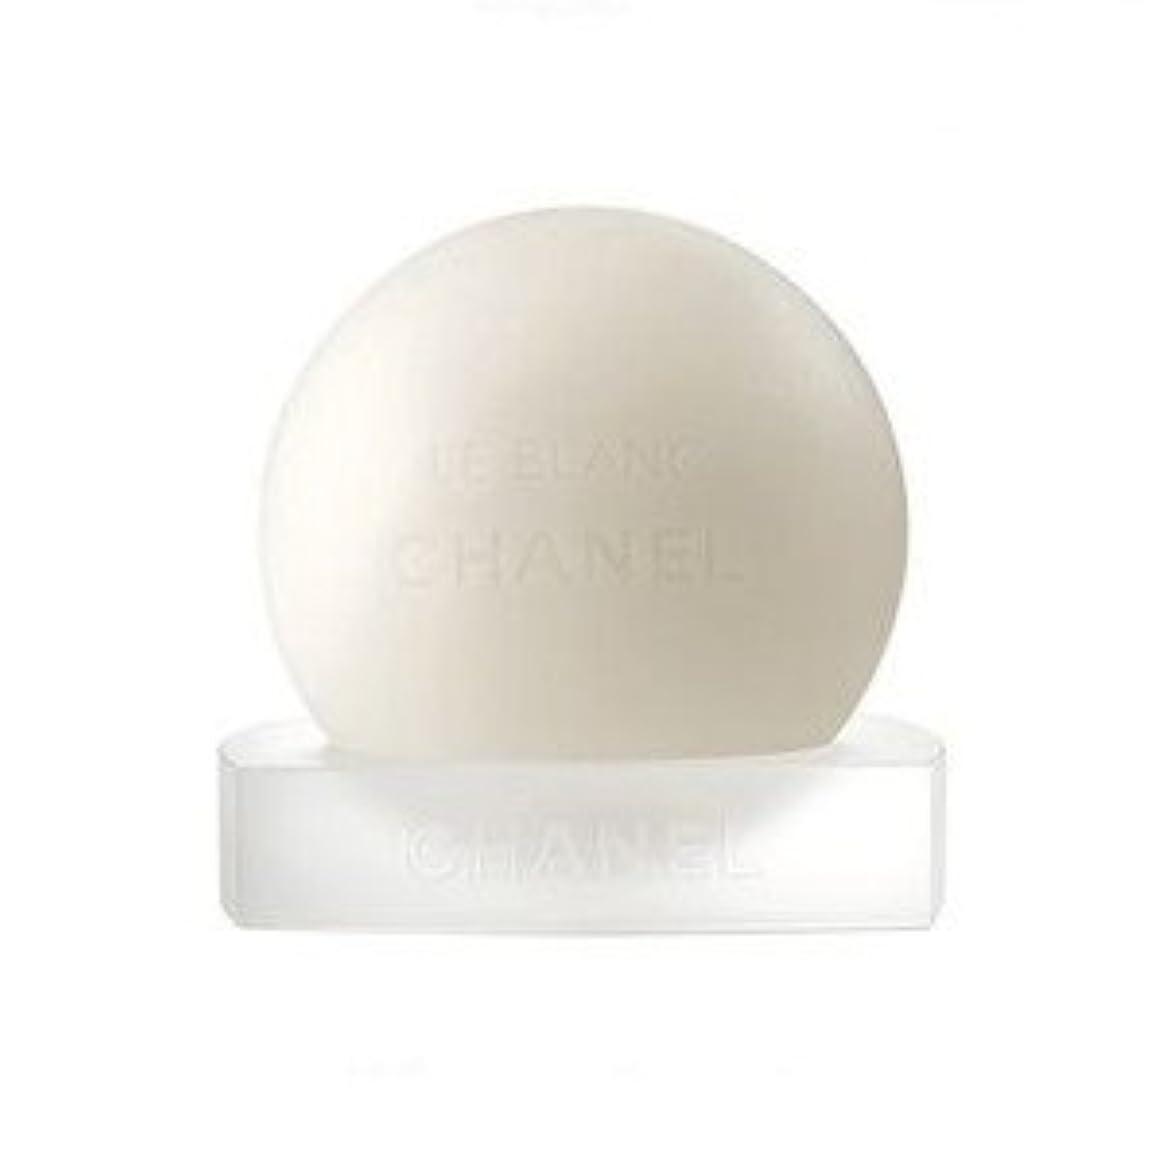 一貫した注入するちっちゃいシャネル ル ブラン ソープ 100g 洗顔石けん 限定品 アウトレット